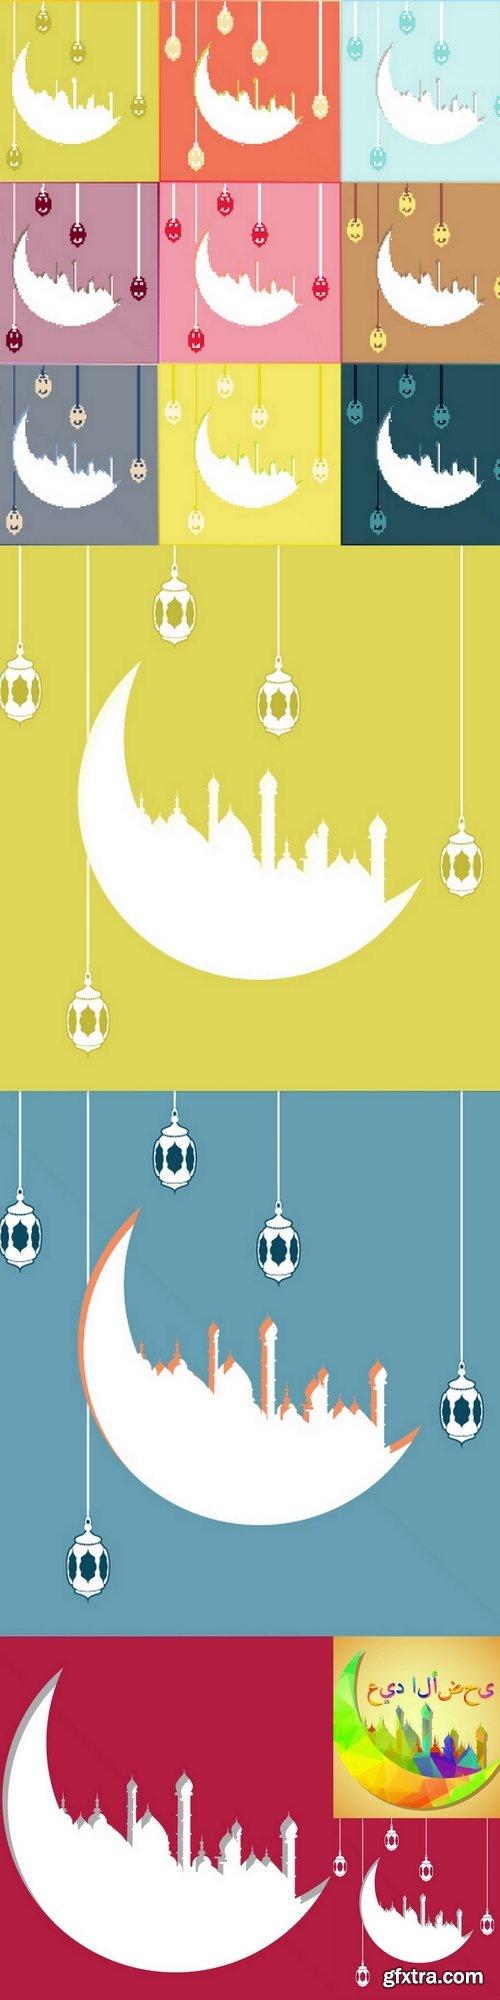 Arabic moon